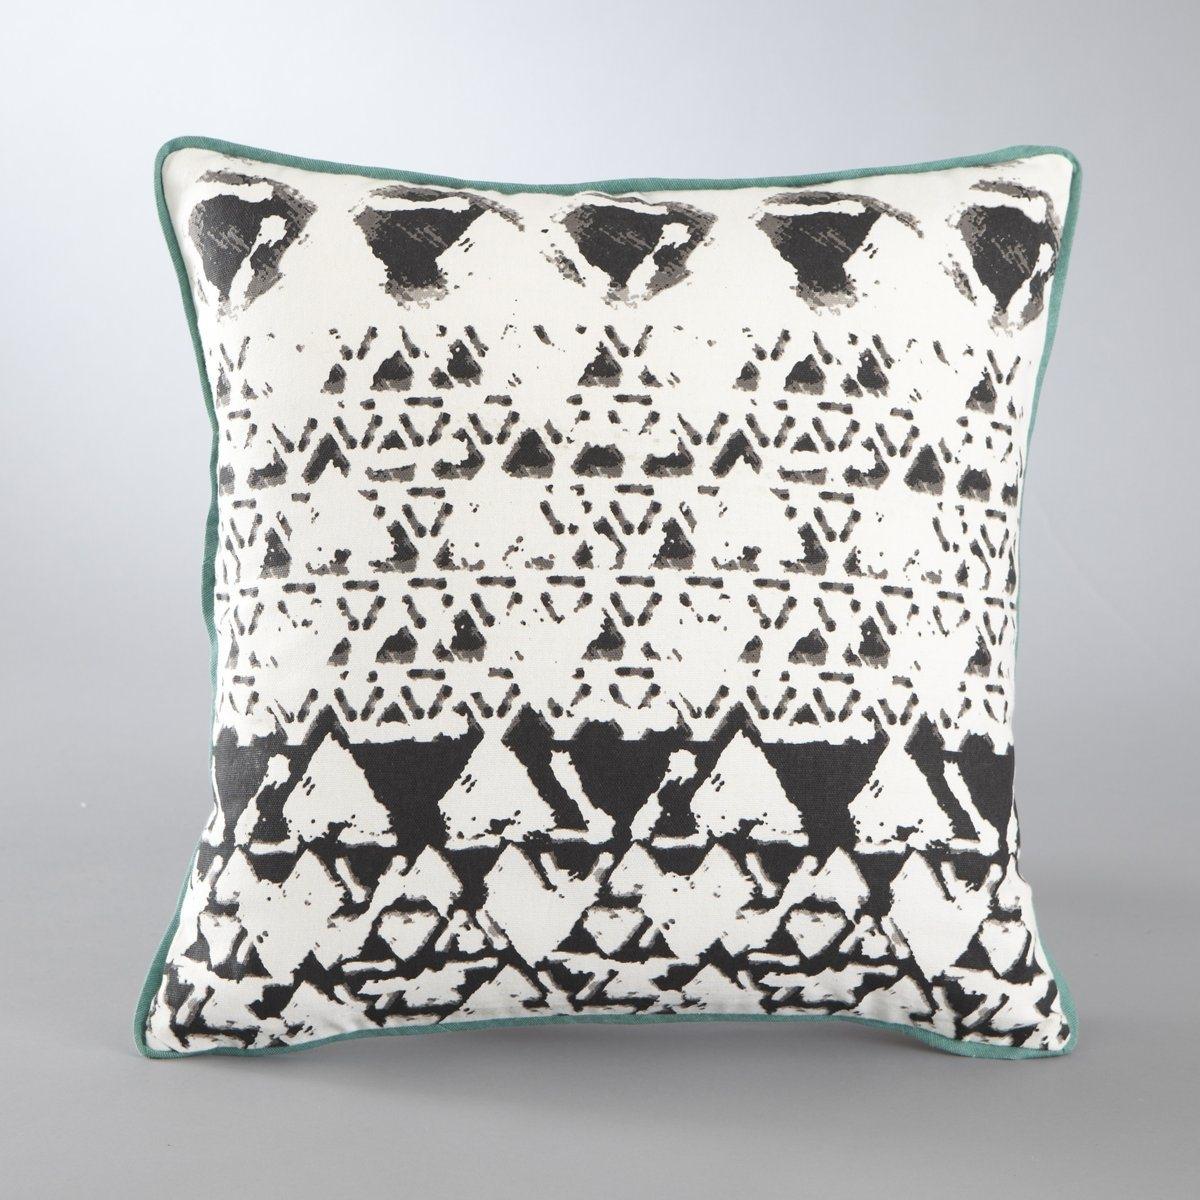 Чехол для подушки с рисунком, Ija